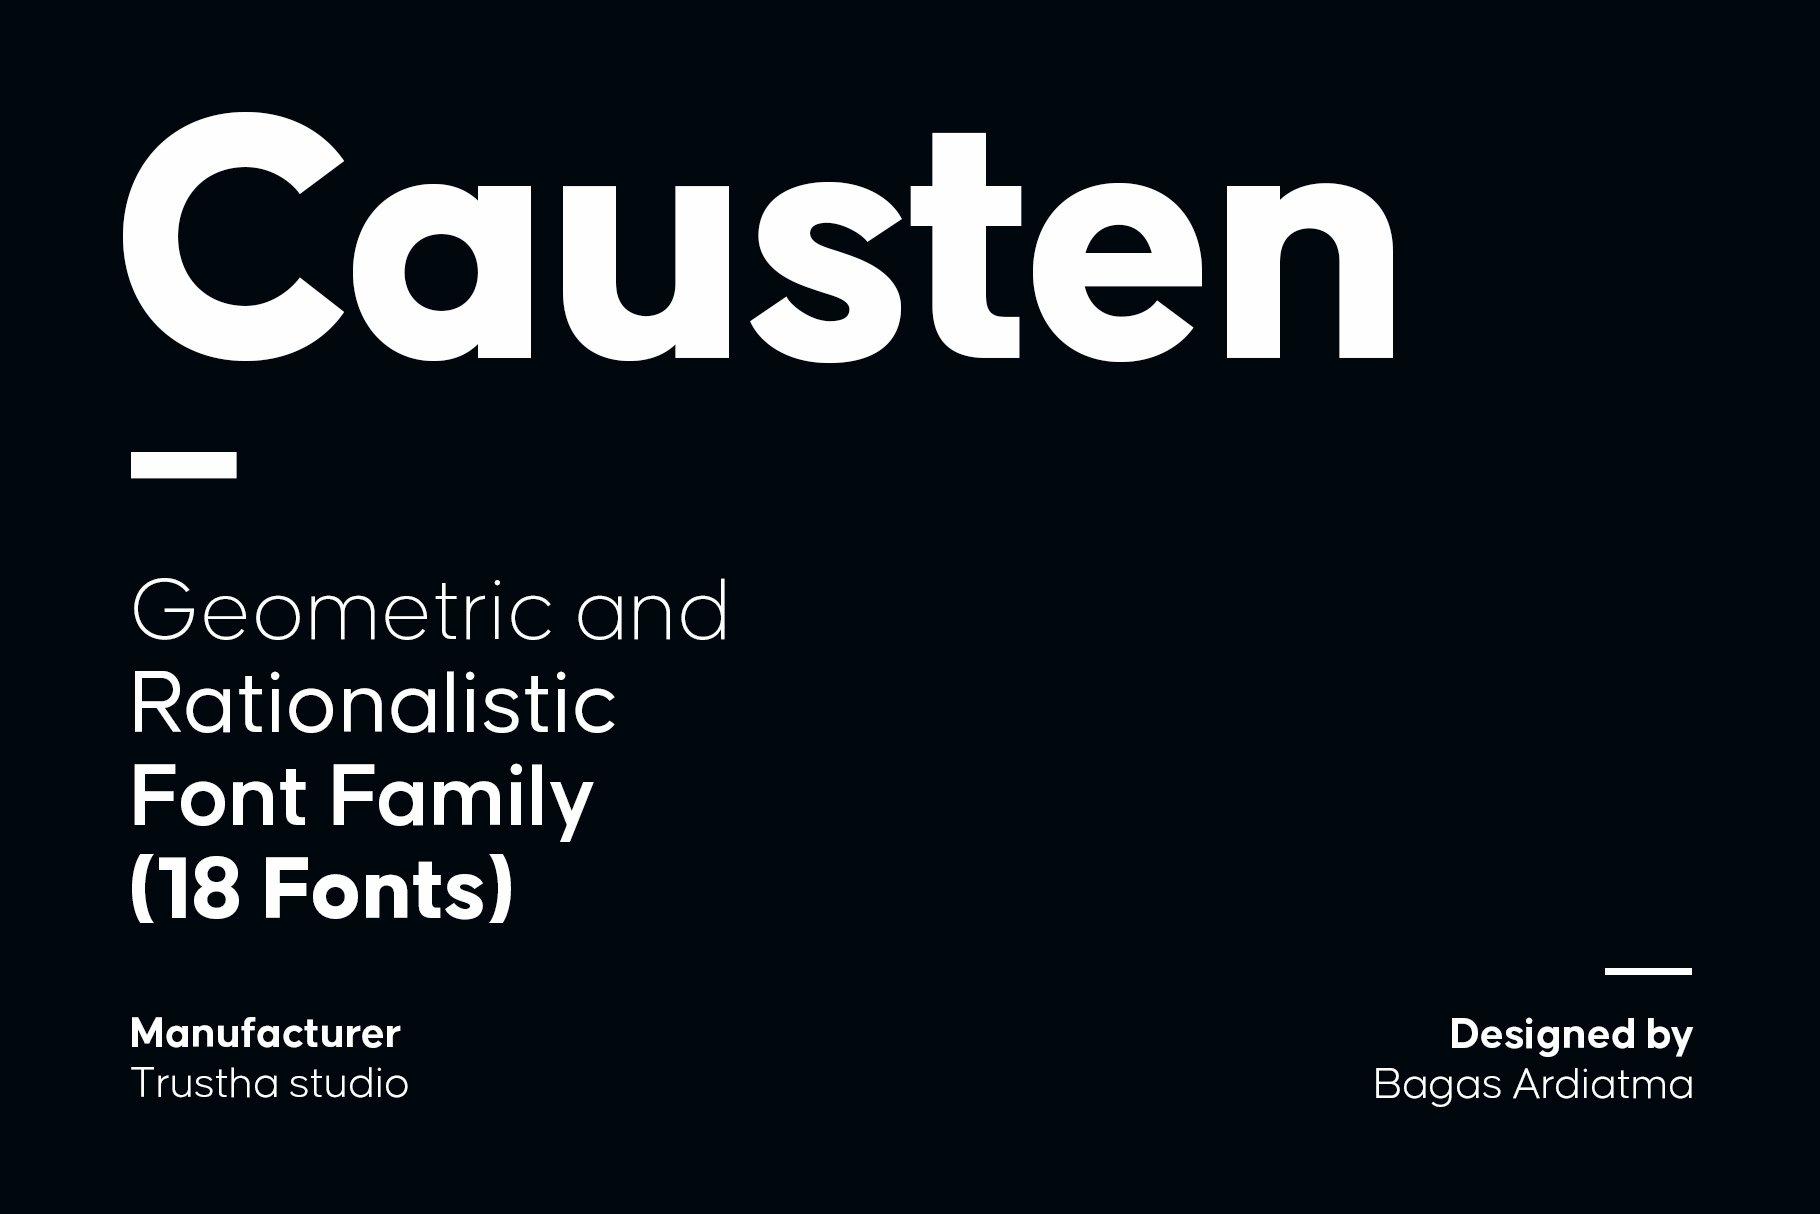 现代简约海报杂志广告Logo标题无衬线英文字体素材 Causten Font Family插图